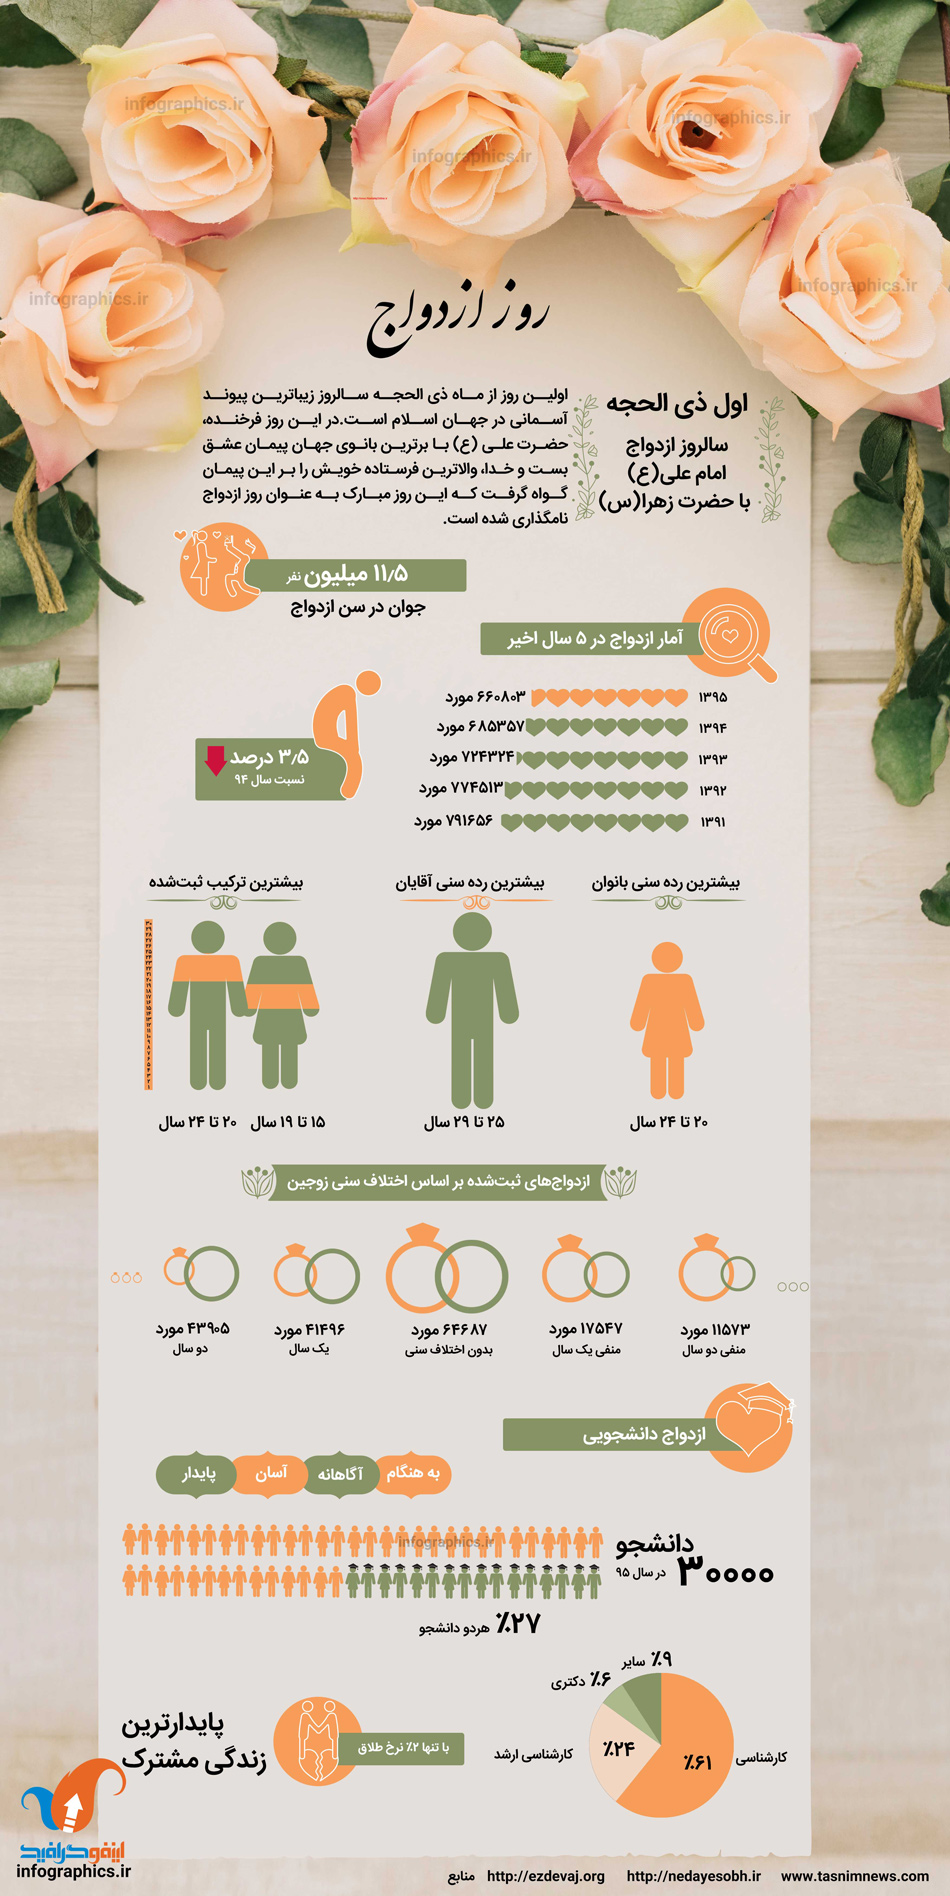 اینفوگرافیک روز ازدواج